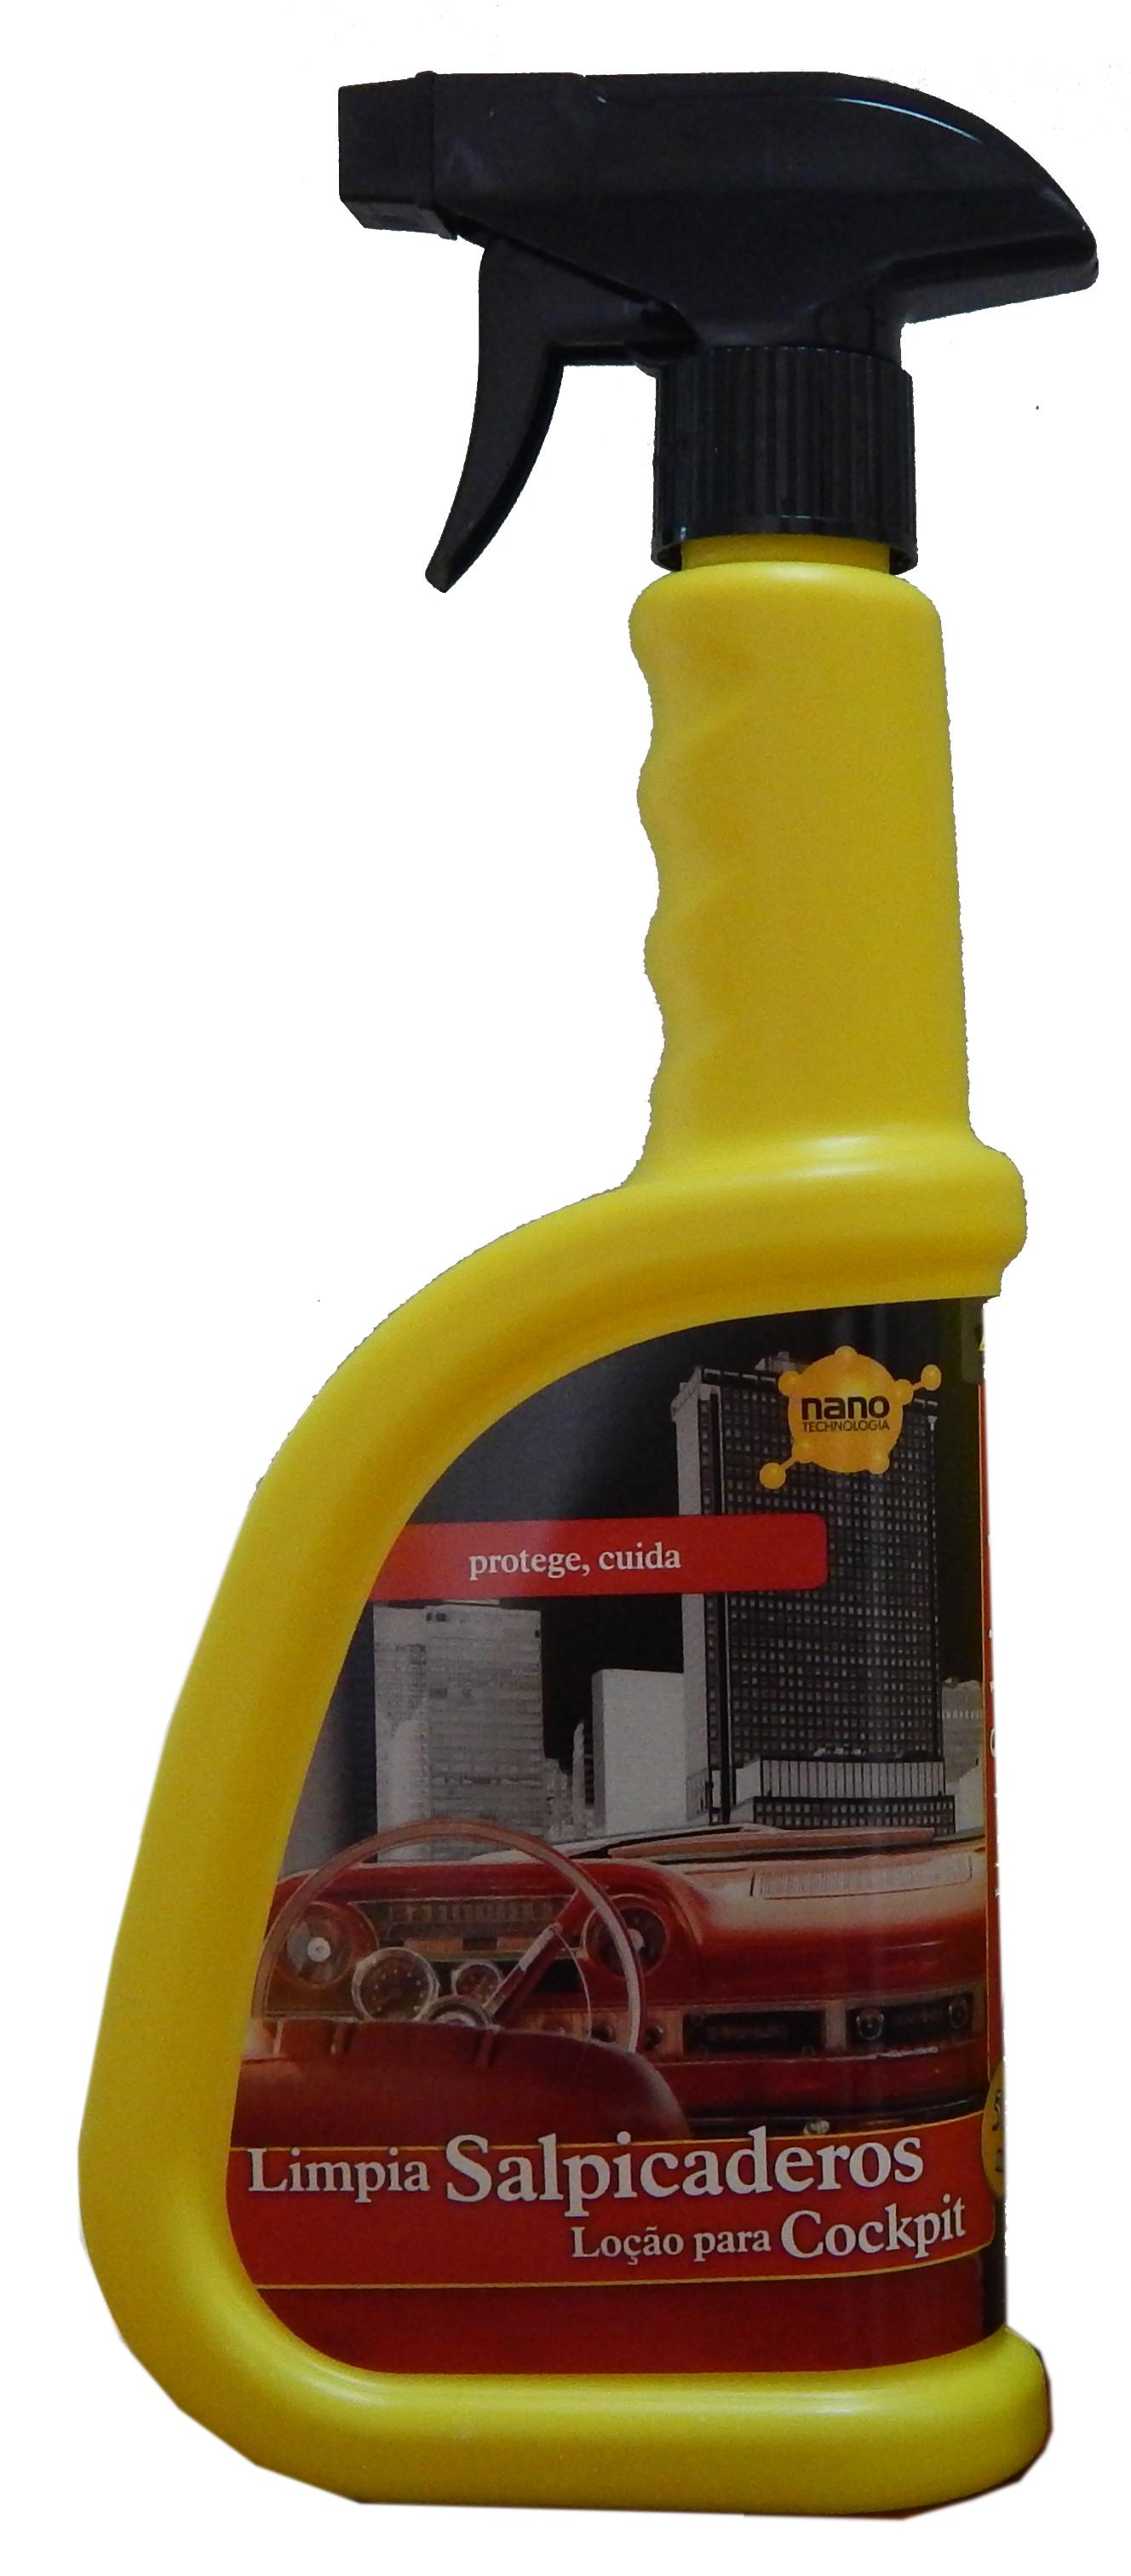 bottari-24507-limpia-salpicaderos-580ml